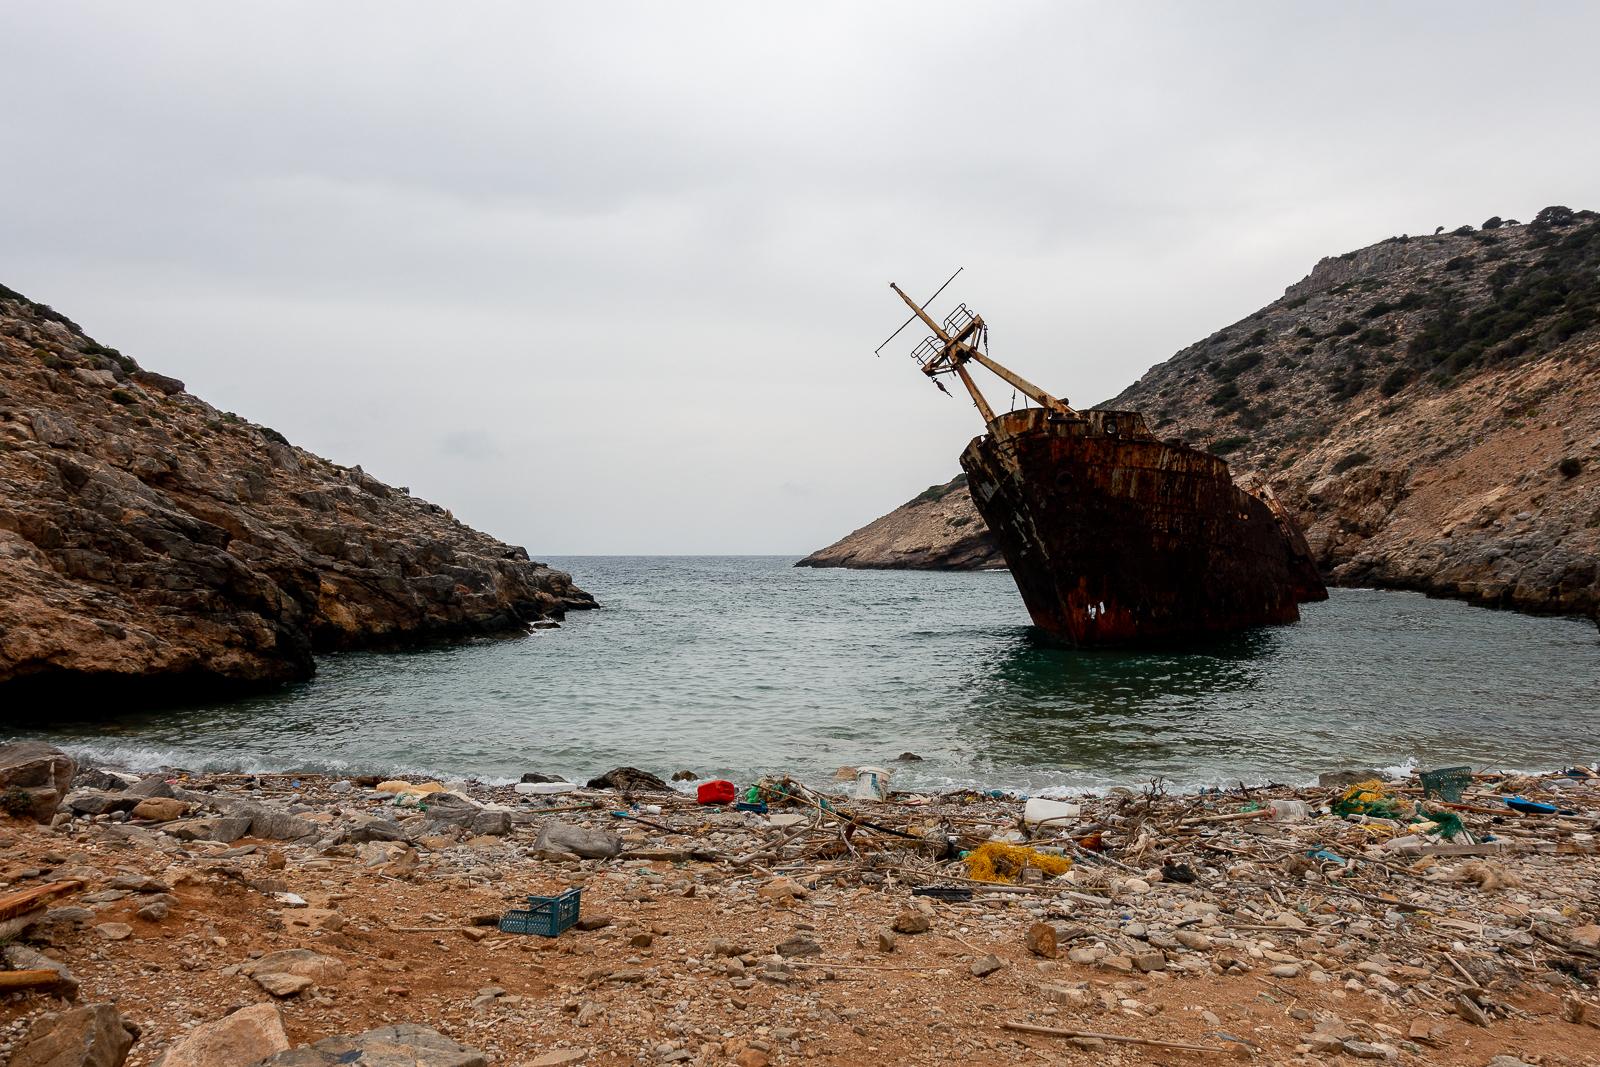 Itinéraire d'un voyage dans les Cyclades : Déchets autour de l'Olympia à Amorgos. Partis pour la Grèce